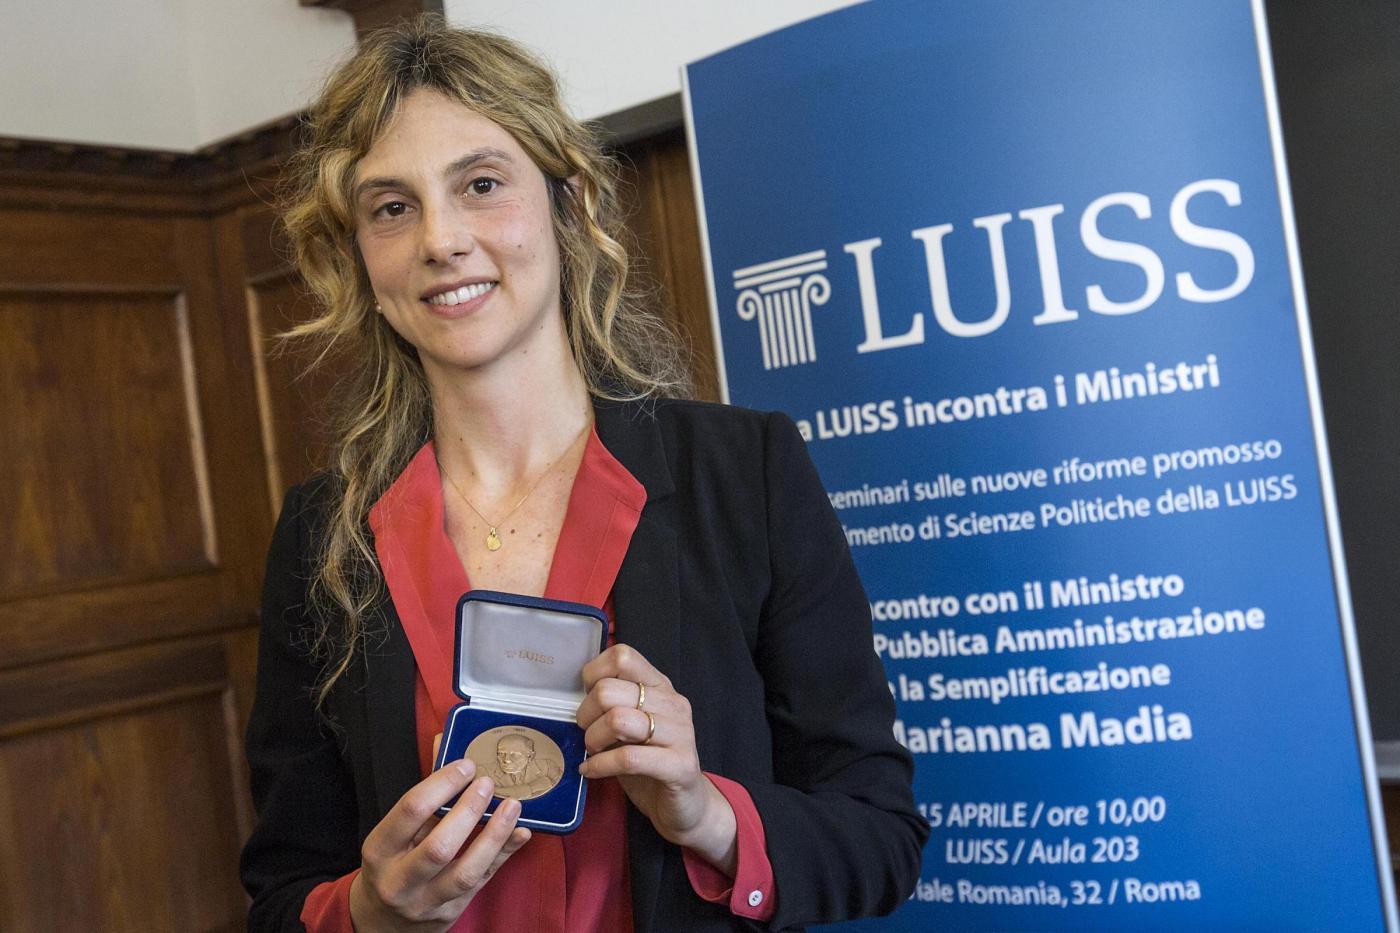 Università Luiss - Incontro con il ministro Marianna Madia